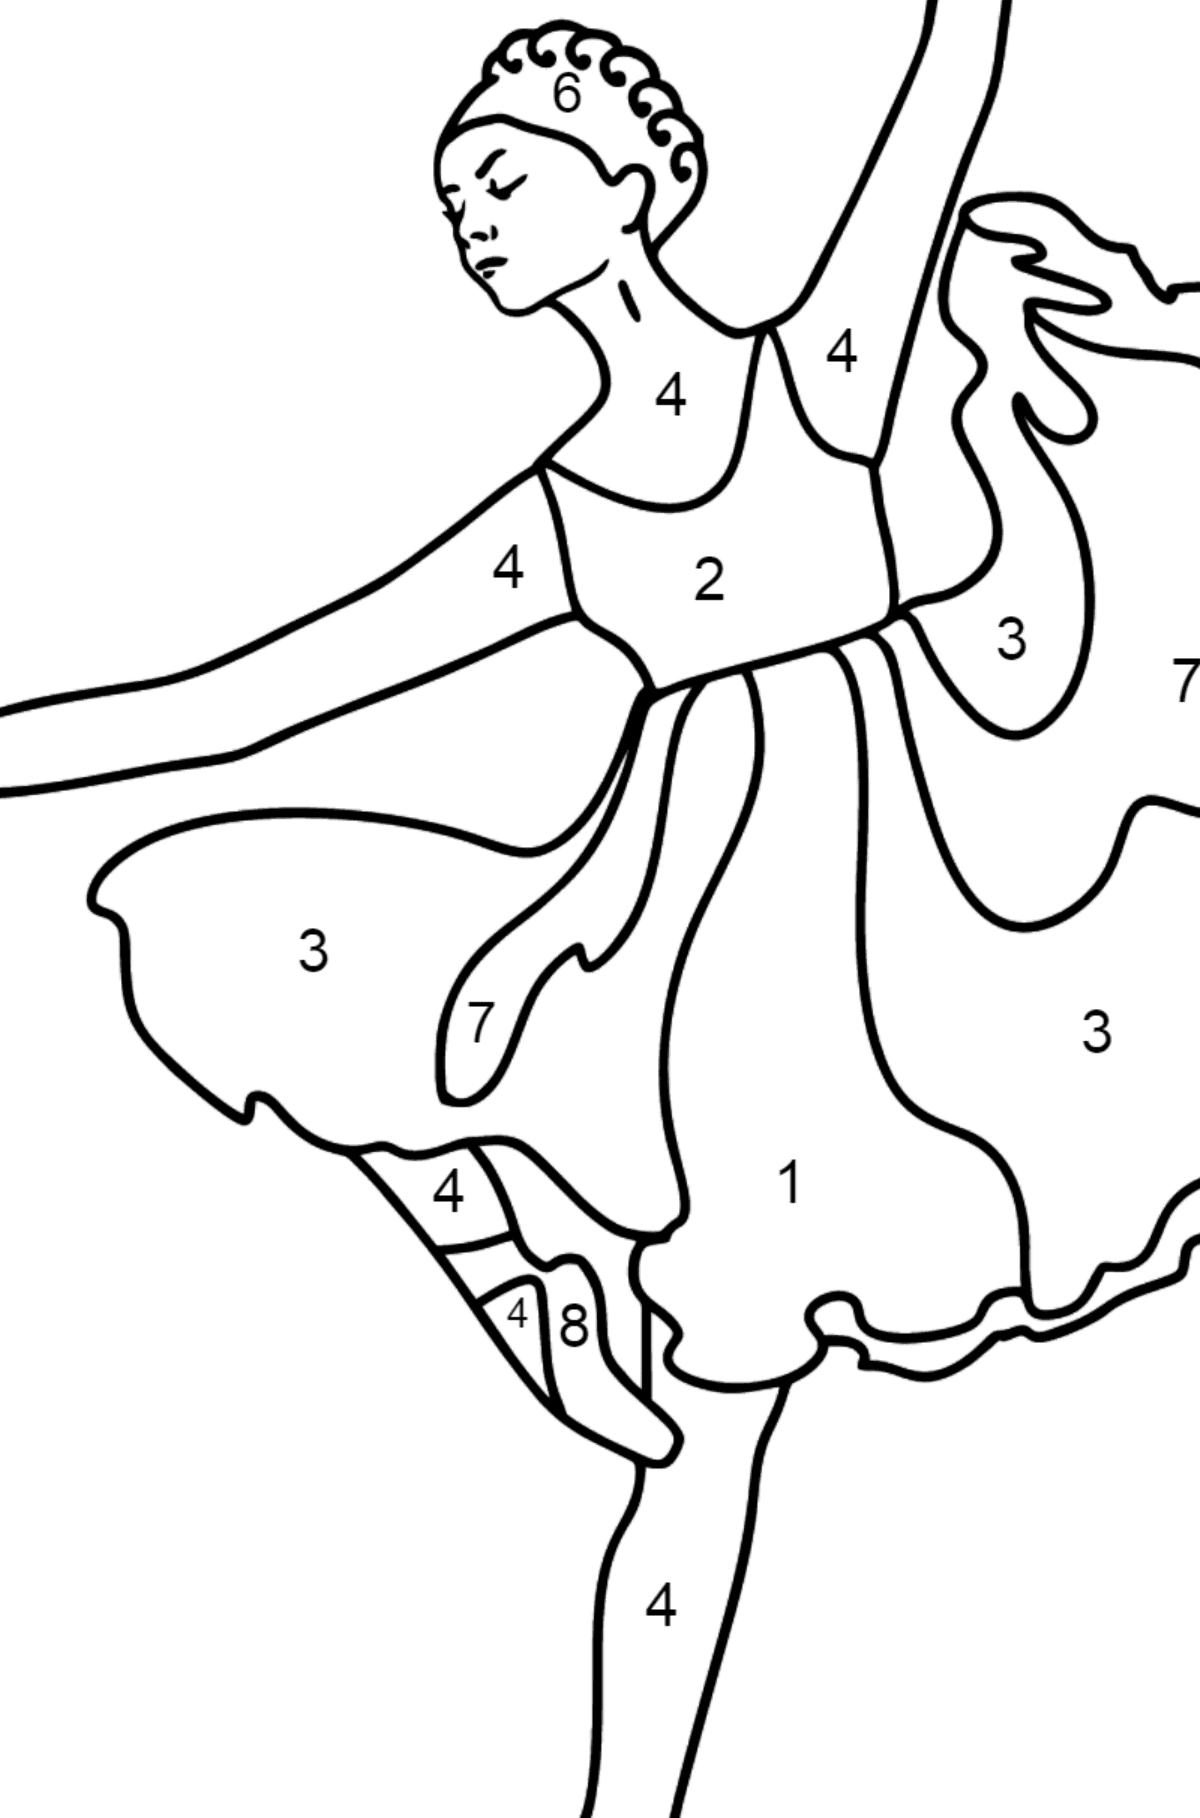 Ausmalbildn - Ballerina in einem lila Kleid - Malen nach Zahlen für Kinder